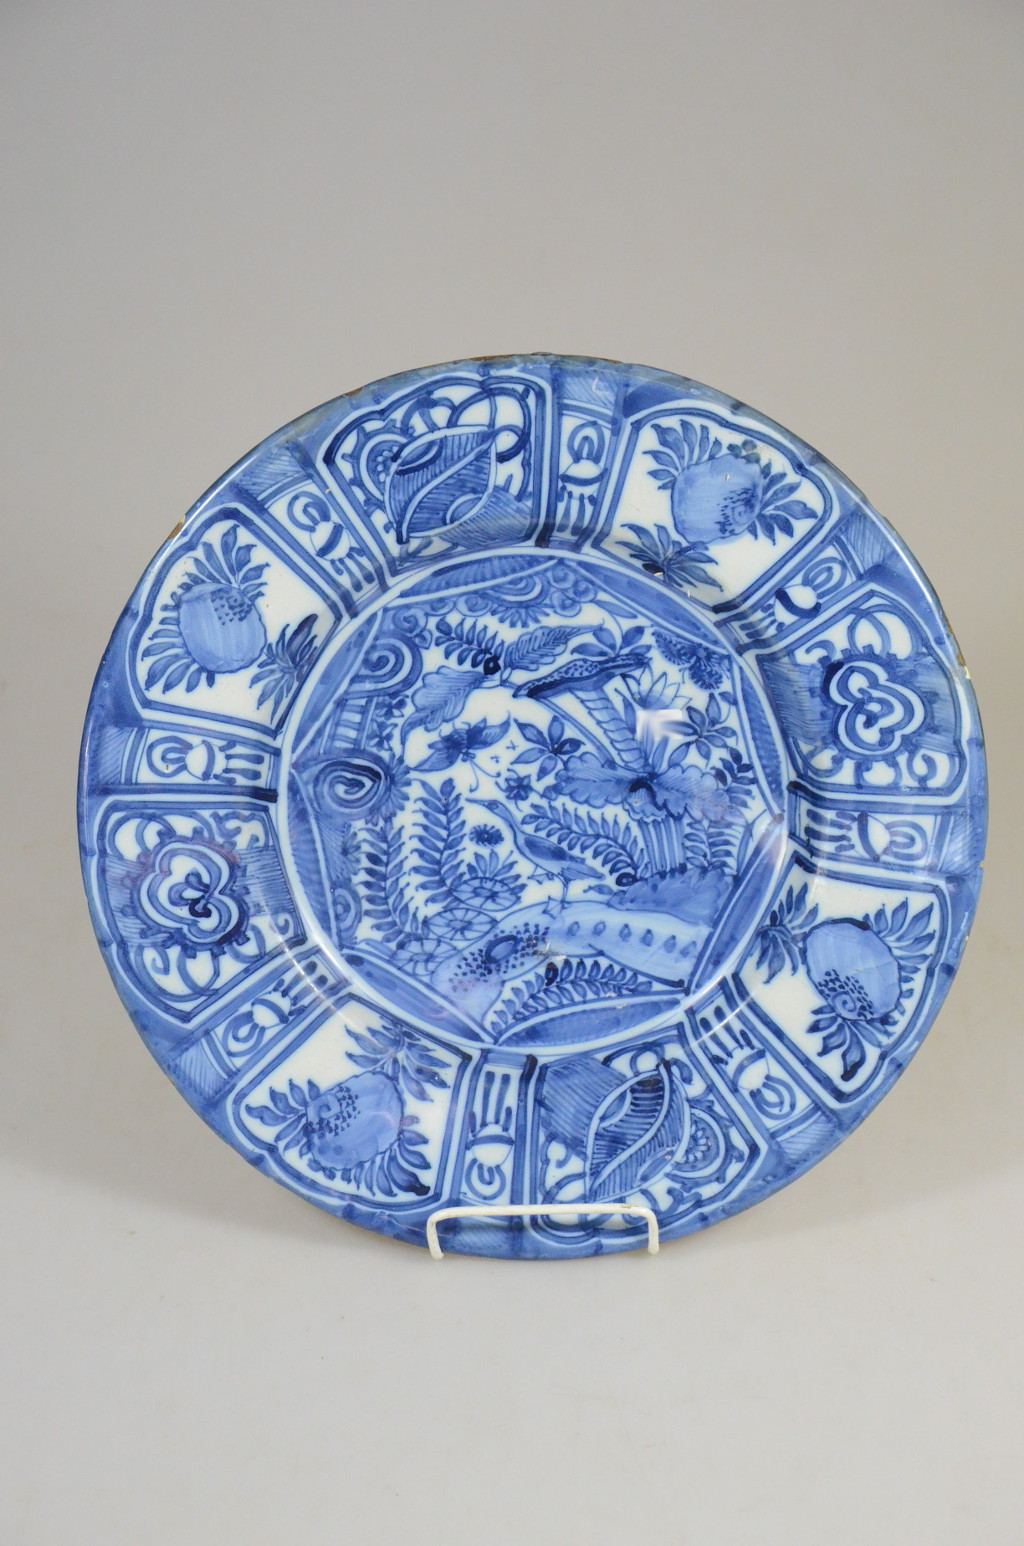 Antiek Delfts Blauw Merktekens.Uw Keramiek En Delfts Blauw Verkopen